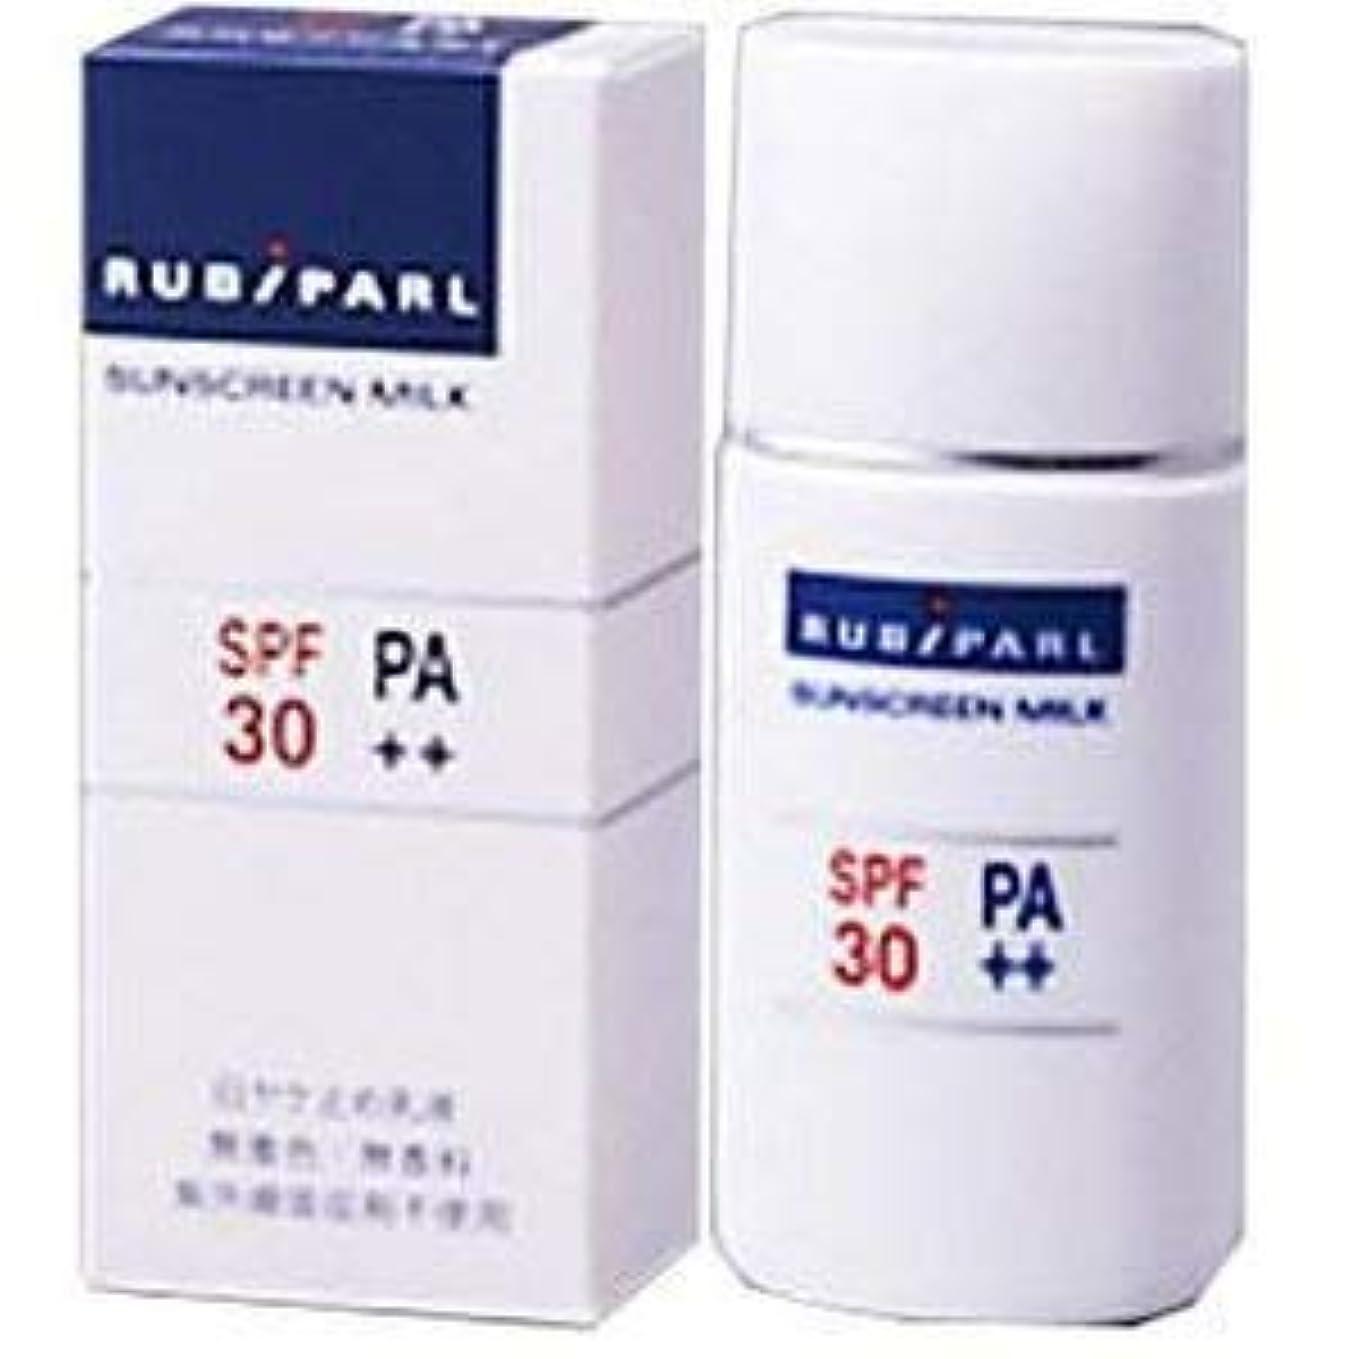 望みサーマル後方にルビパール サンスクリーンミルク 日ヤケ止め乳液 SPF30 PA++ 30mLx3個セット